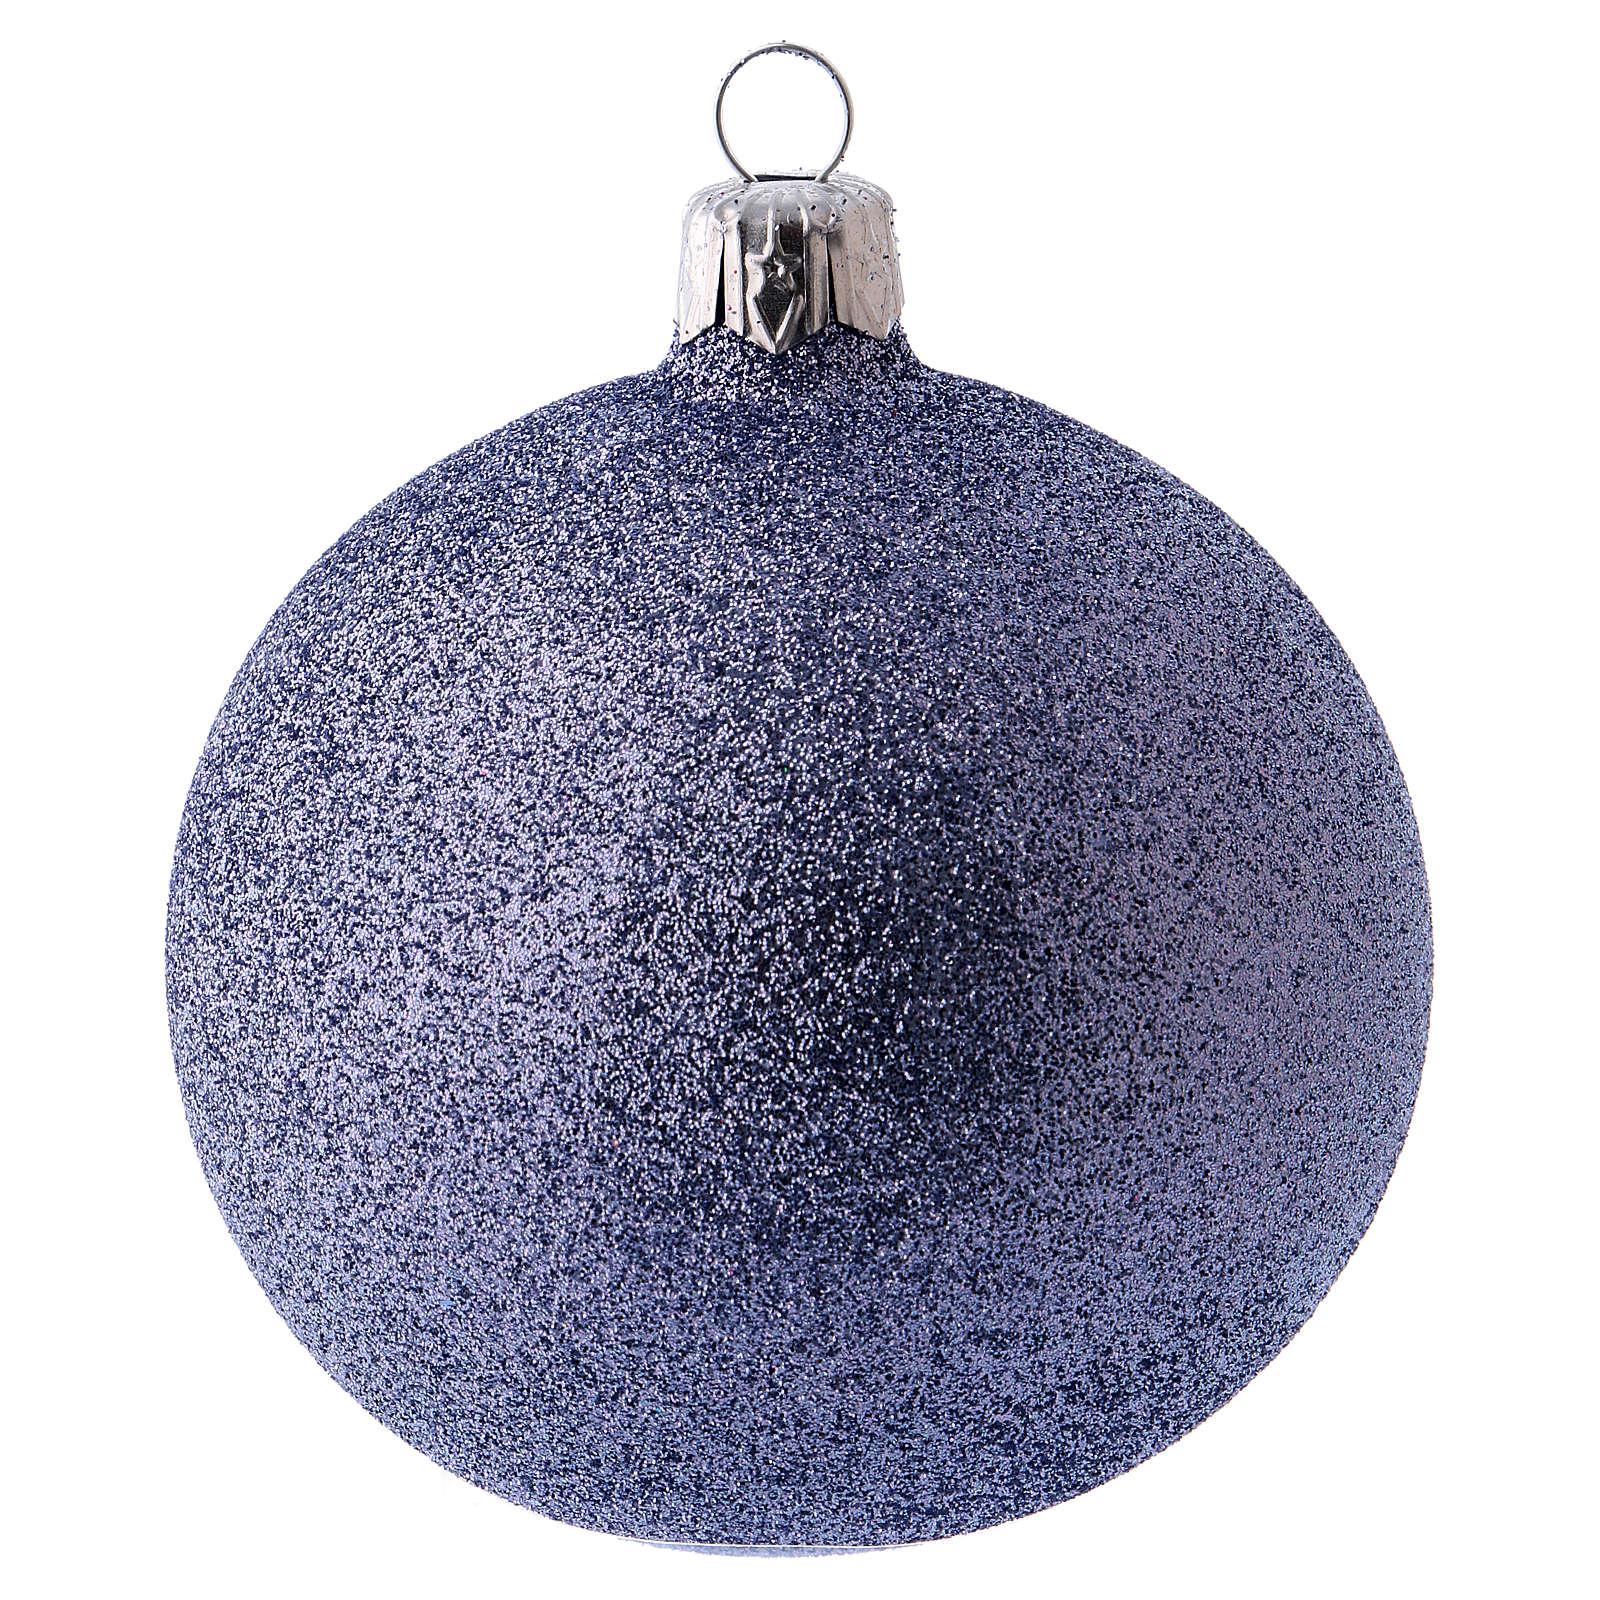 Bolitas de Navidad 6 piezas fucsia con purpurina 80 mm vidrio soplado 4